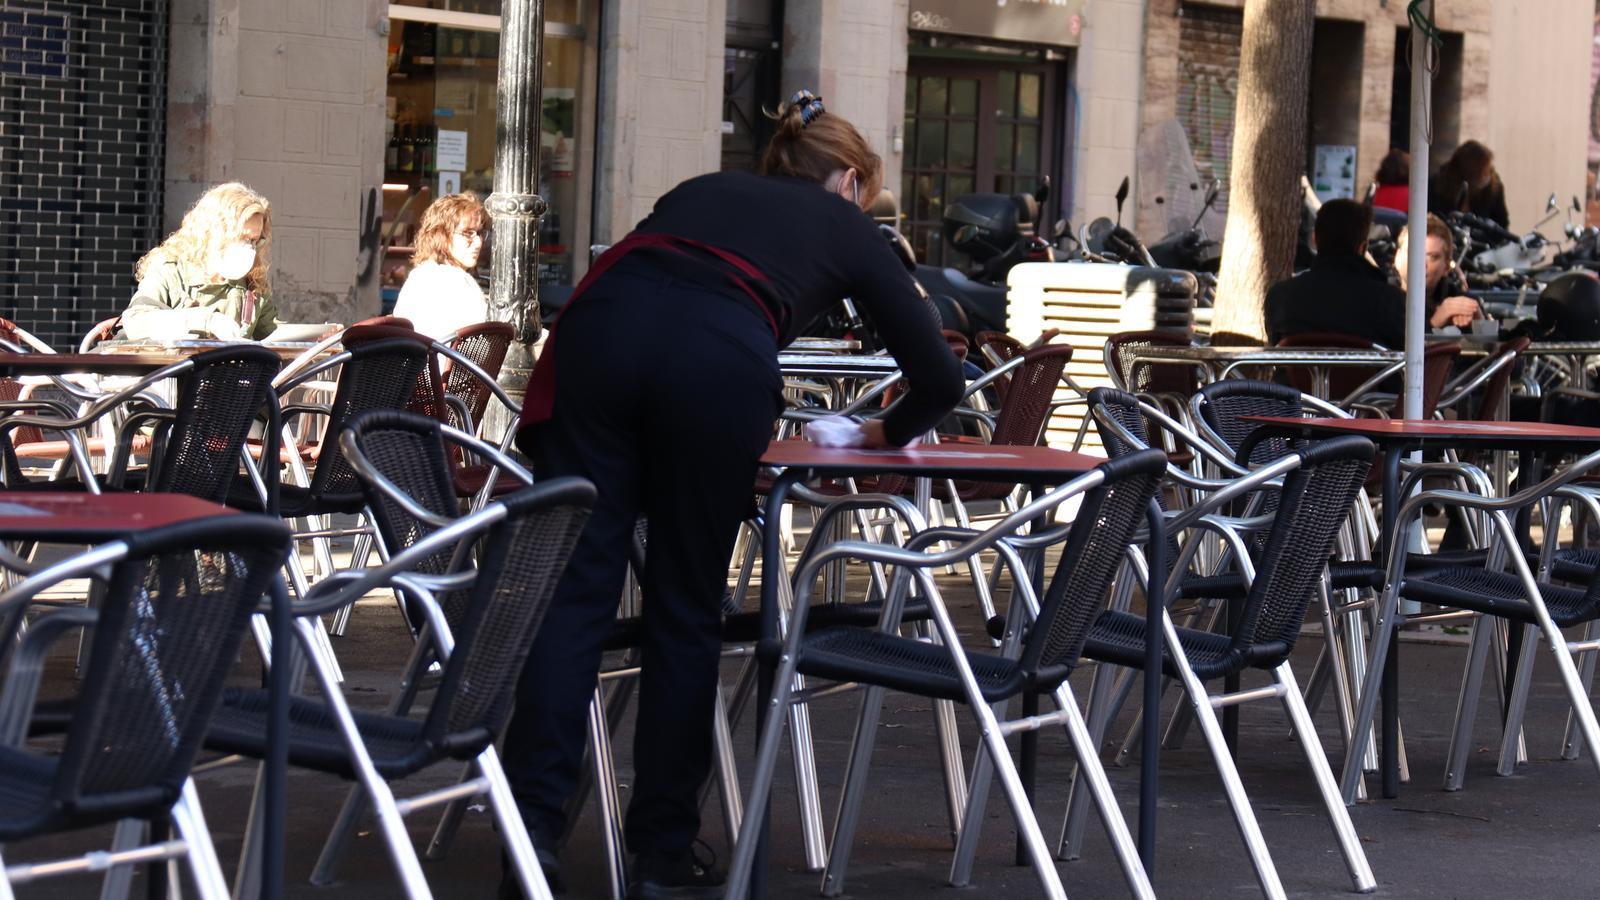 Una cambrera neteja una taula aquest dilluns al matí en una terrassa al barri de Gràcia, a Barcelona.